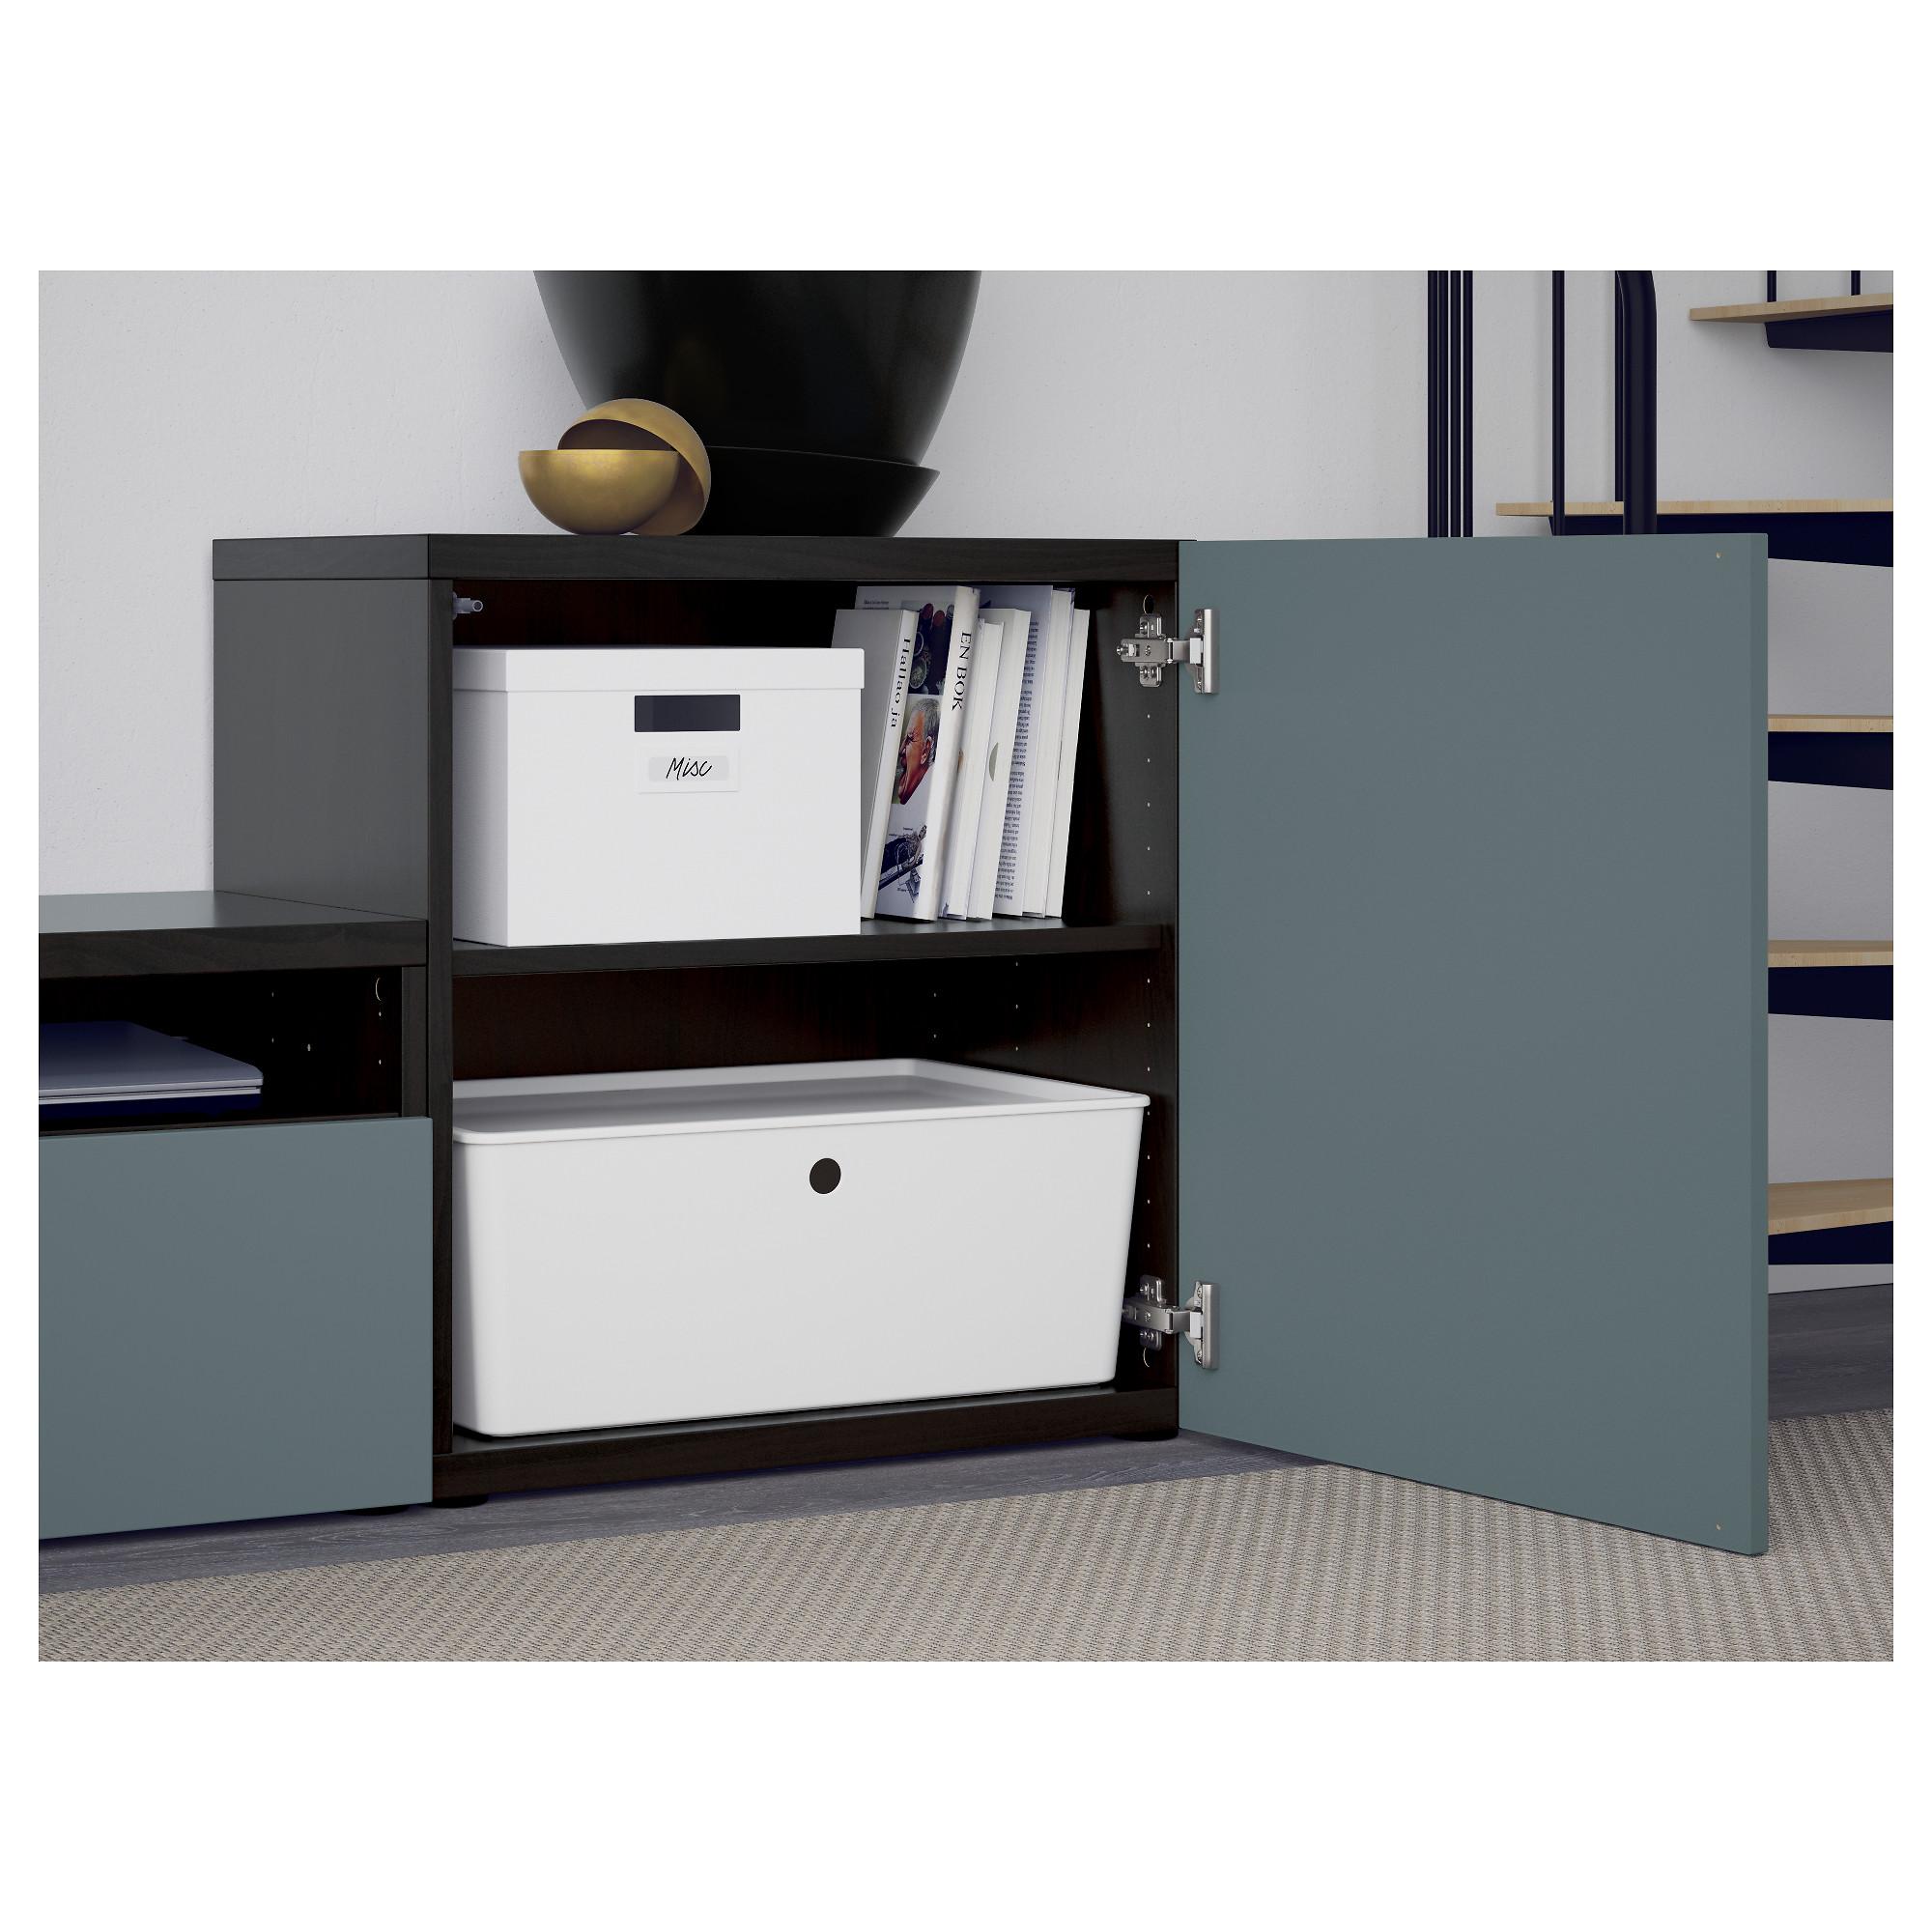 Шкаф для ТВ, комбинированный, стекляные дверцы БЕСТО артикуль № 692.522.17 в наличии. Online каталог IKEA Минск. Недорогая доставка и установка.